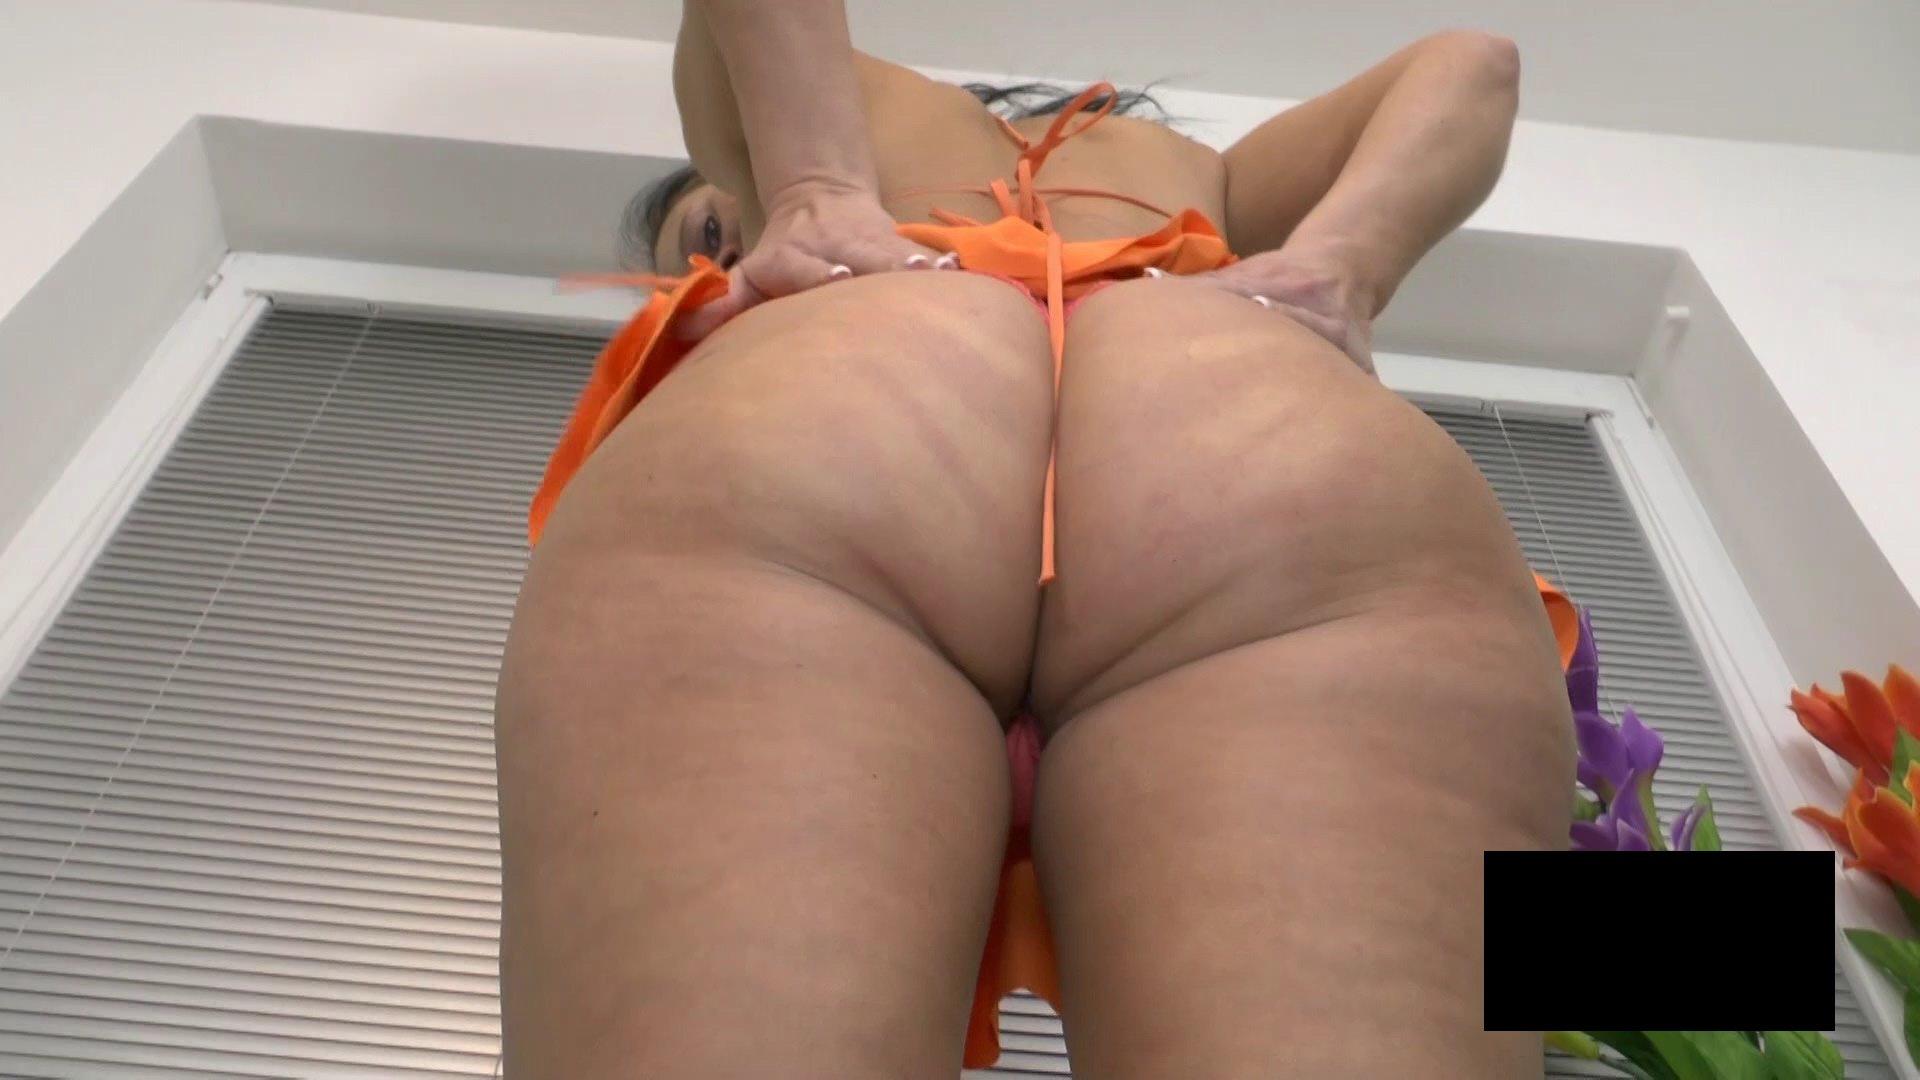 脂肪たっぷりの東欧熟女の脱衣ヌード画像貼ってくwwwwwwwww VmOtAdj